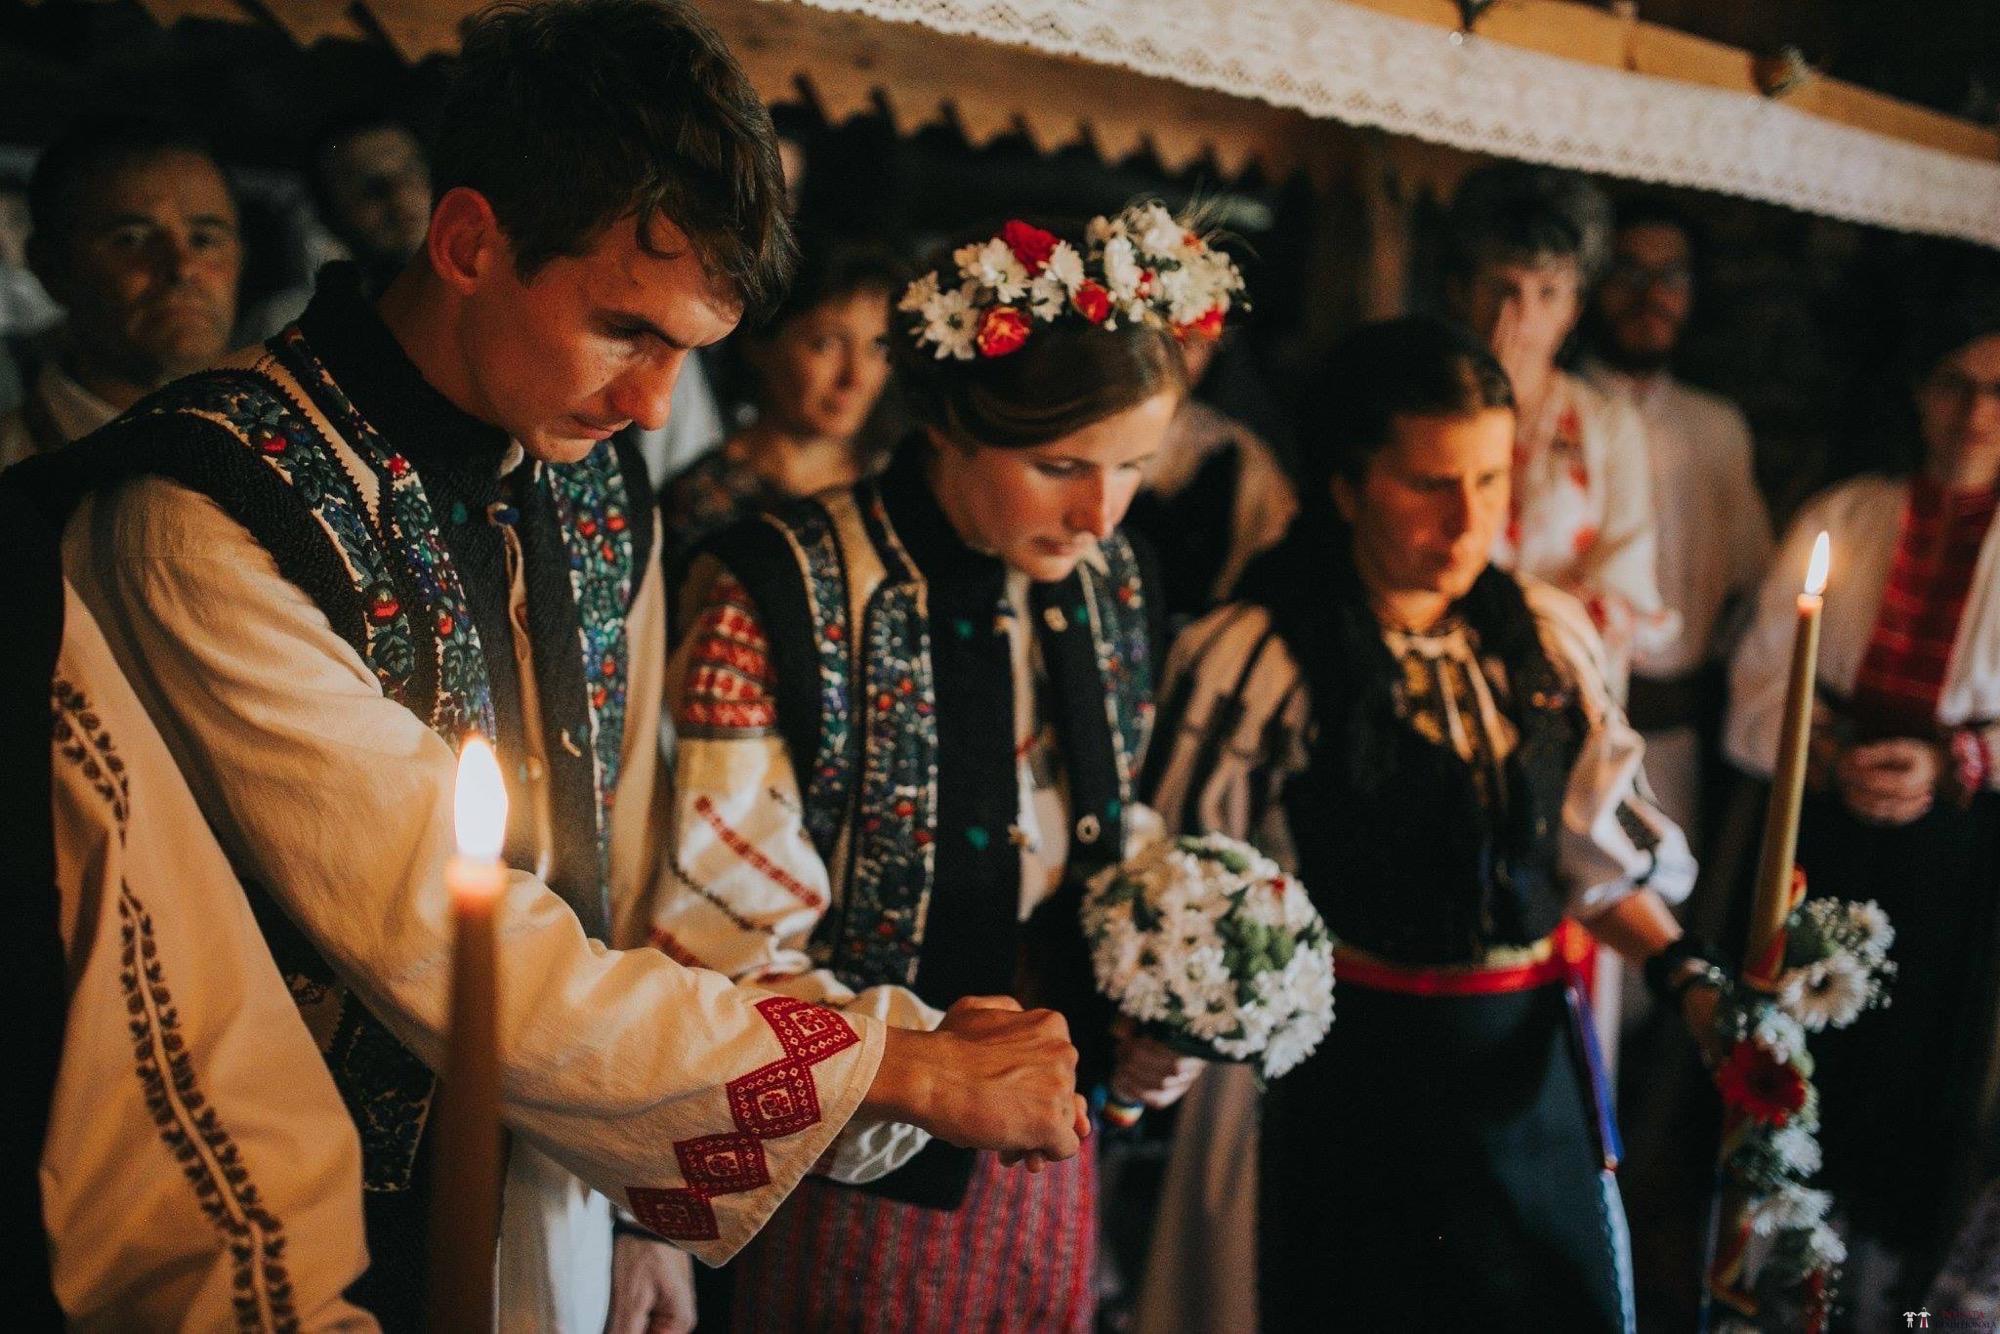 Povești Nunți Tradiționale - Andreea și Sergiu. Nuntă tradițională în Alba-Iulia 28